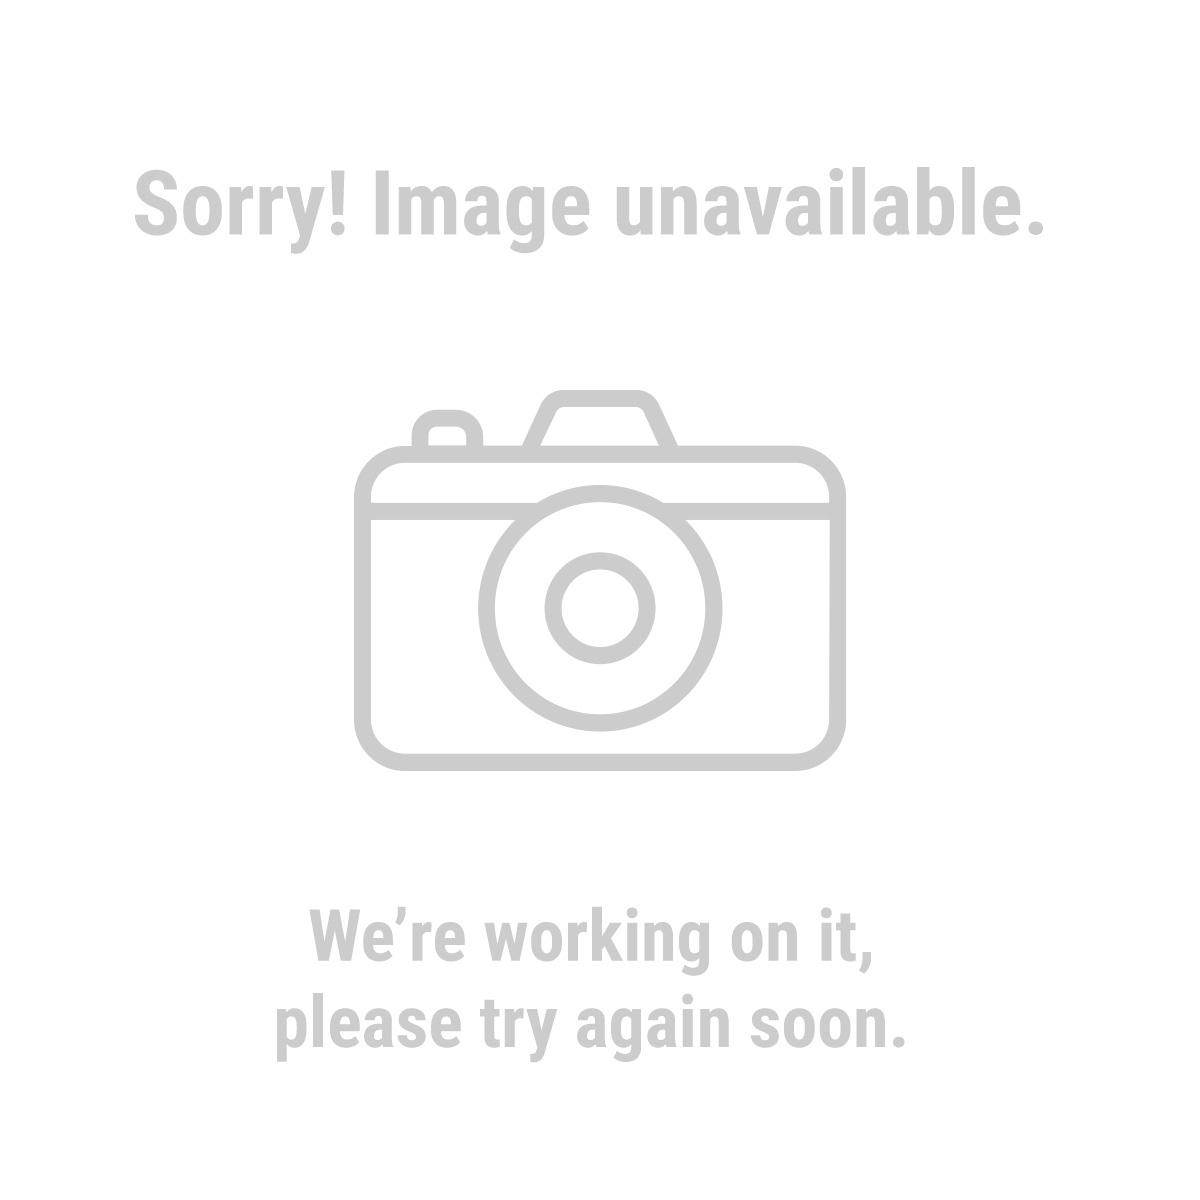 Fluke 322 Clamp Meter : Clamp meter fluke instruction manual